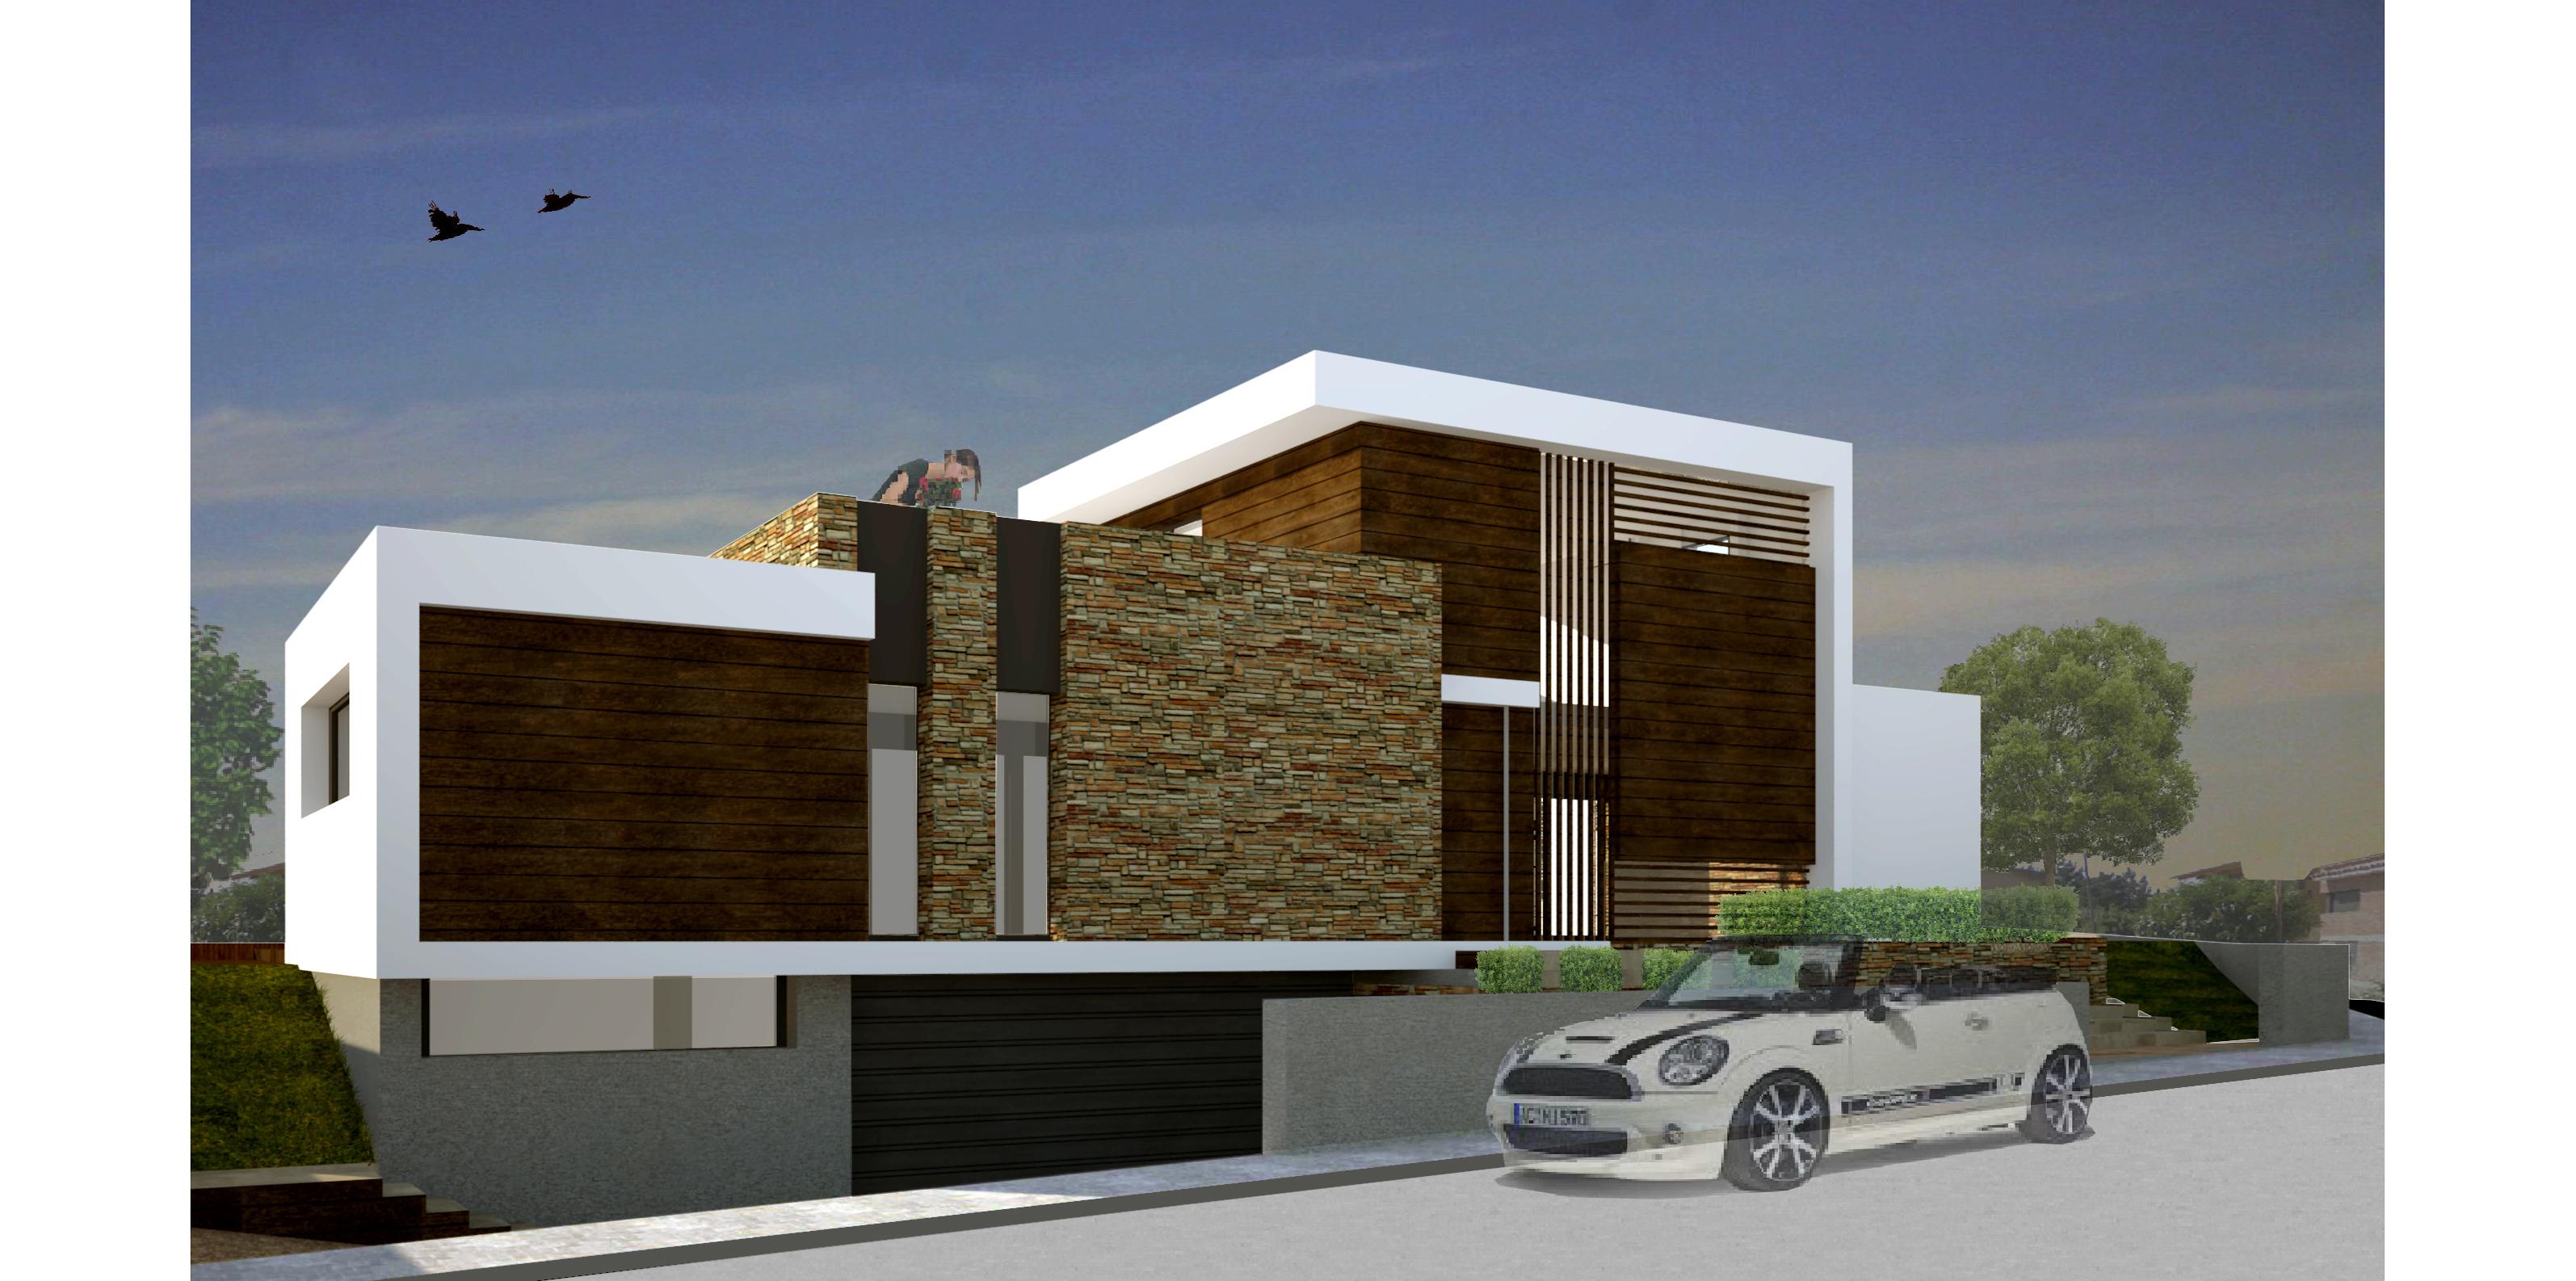 Arquitectura d'obra nova